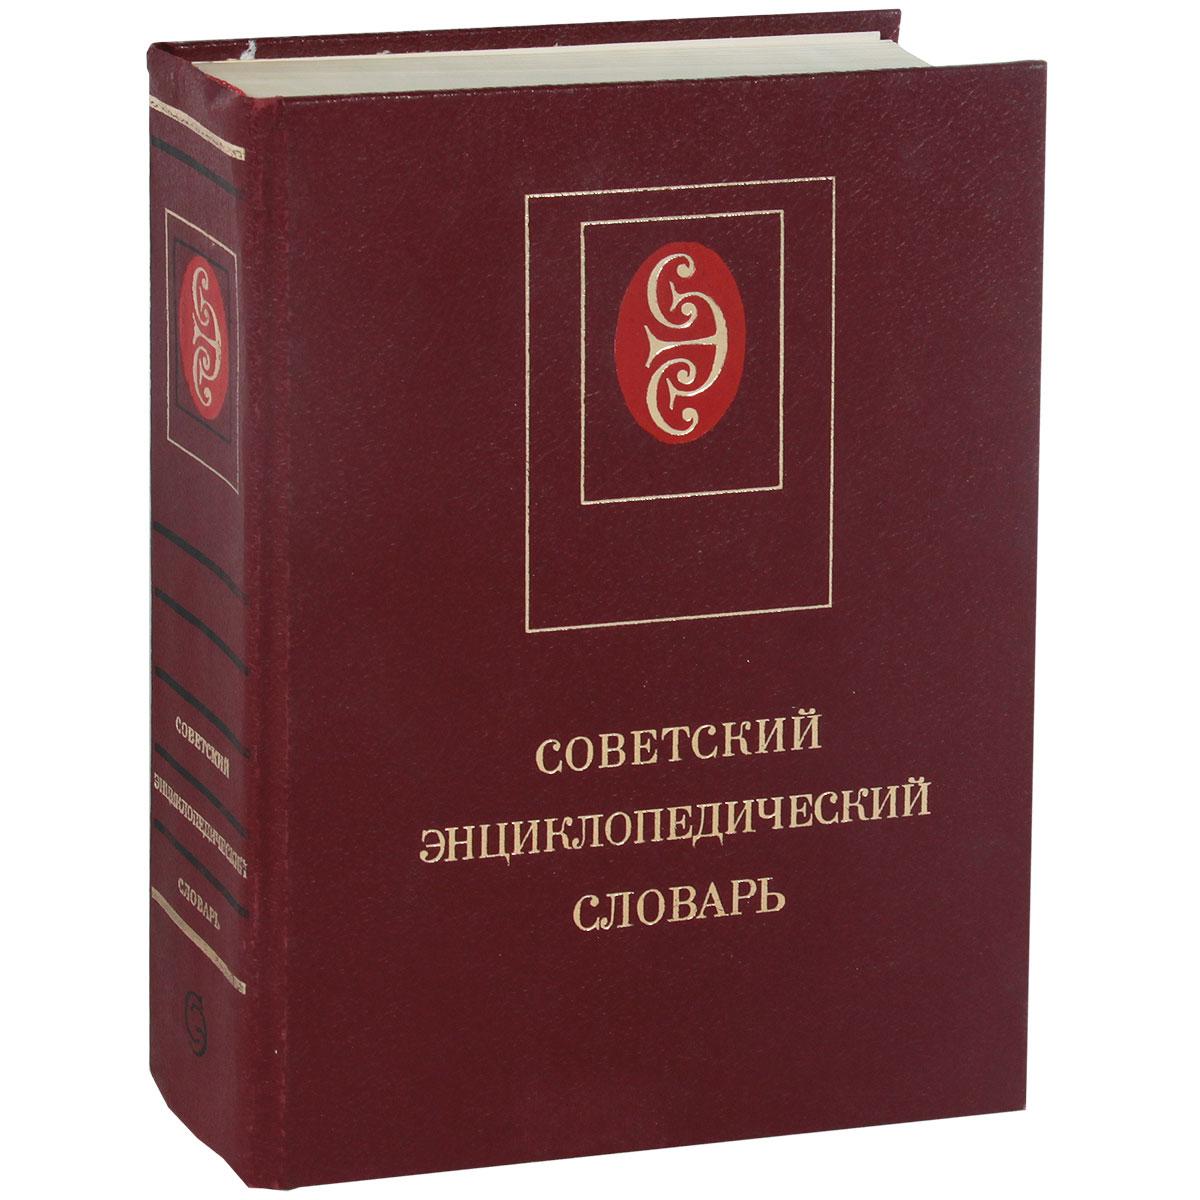 Zakazat.ru: Советский энциклопедический словарь